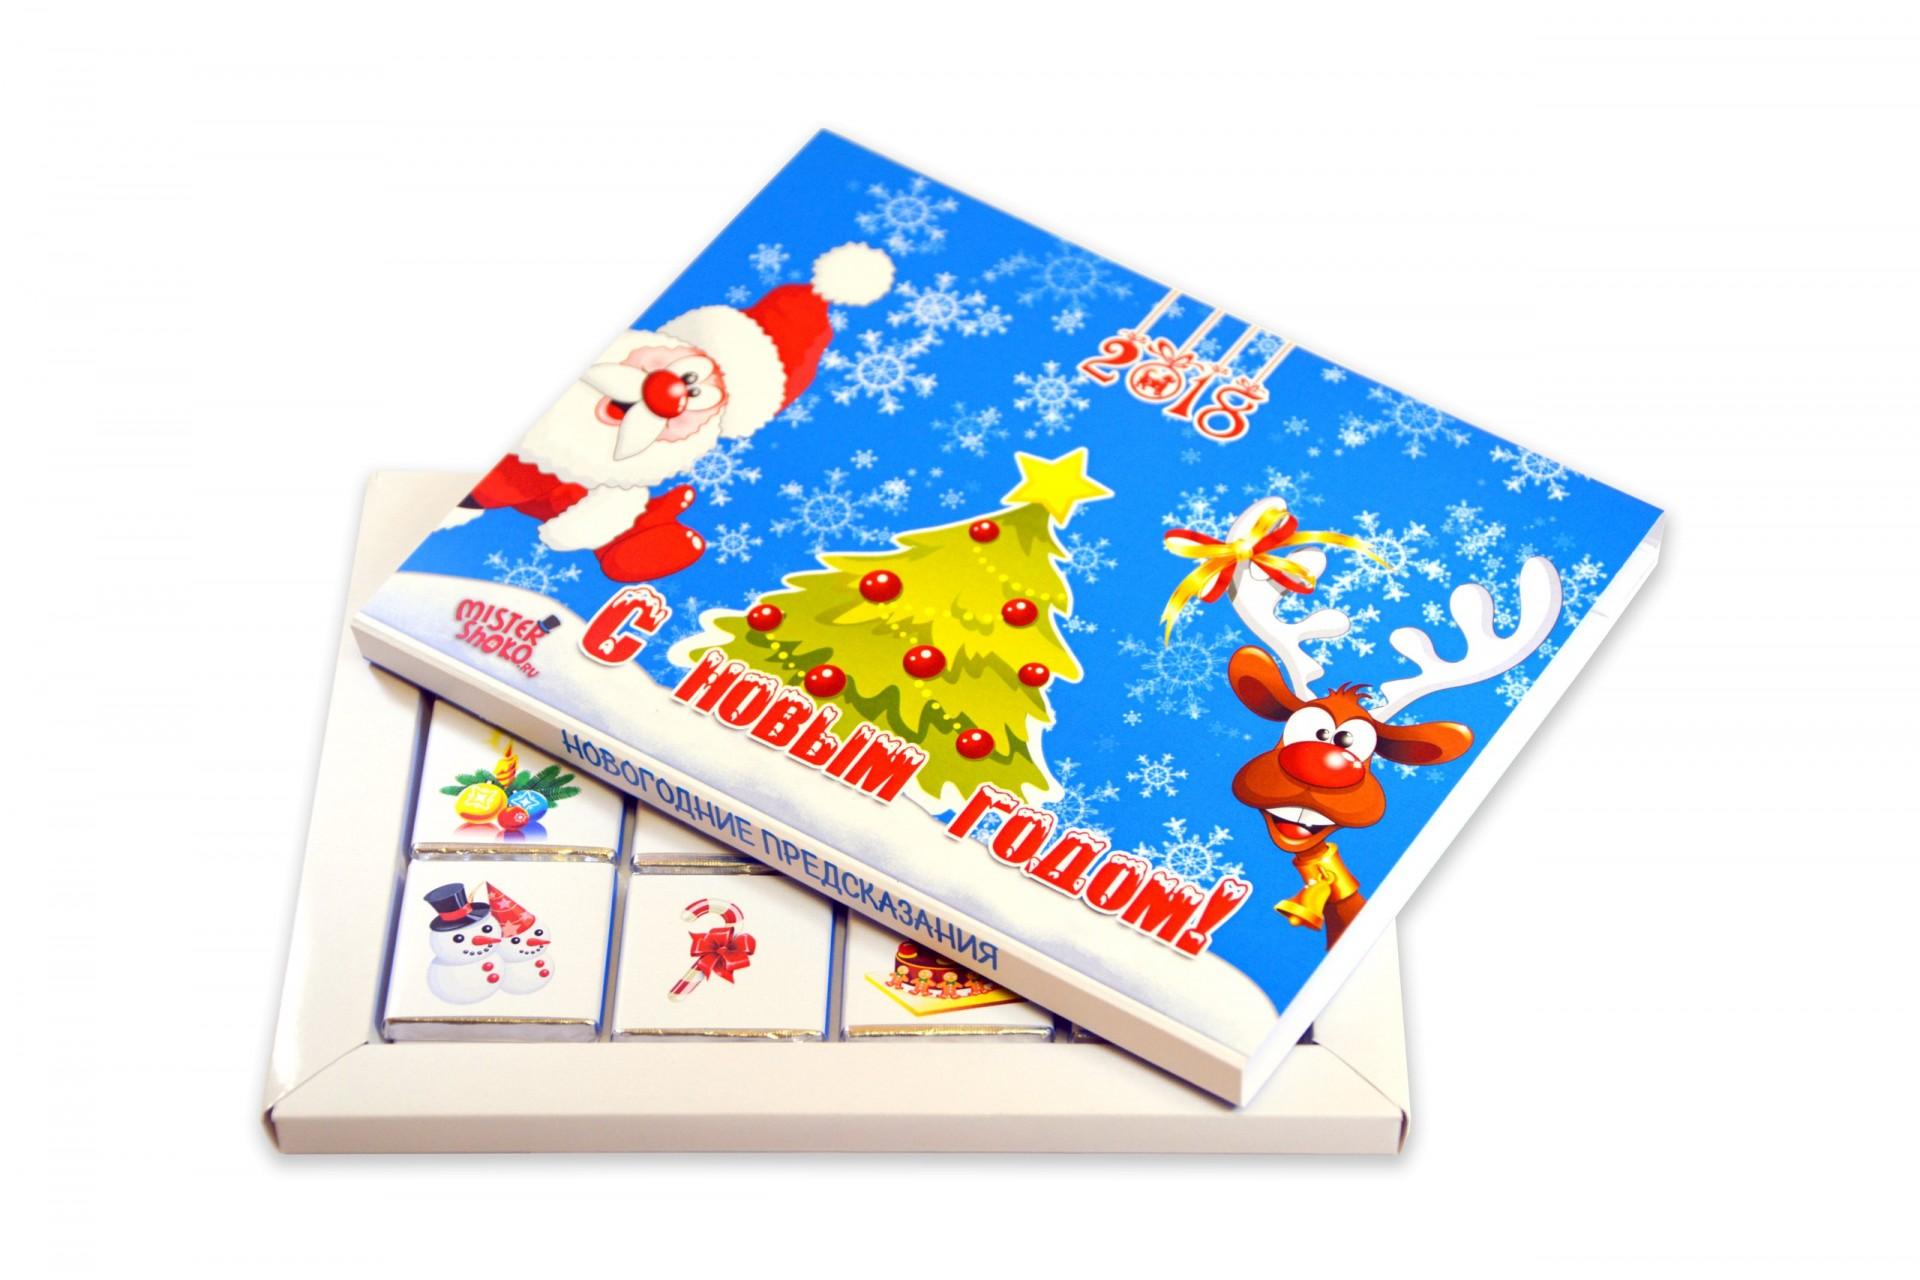 Новогодний шоколадный набор новогодние открытки, открытка годиком